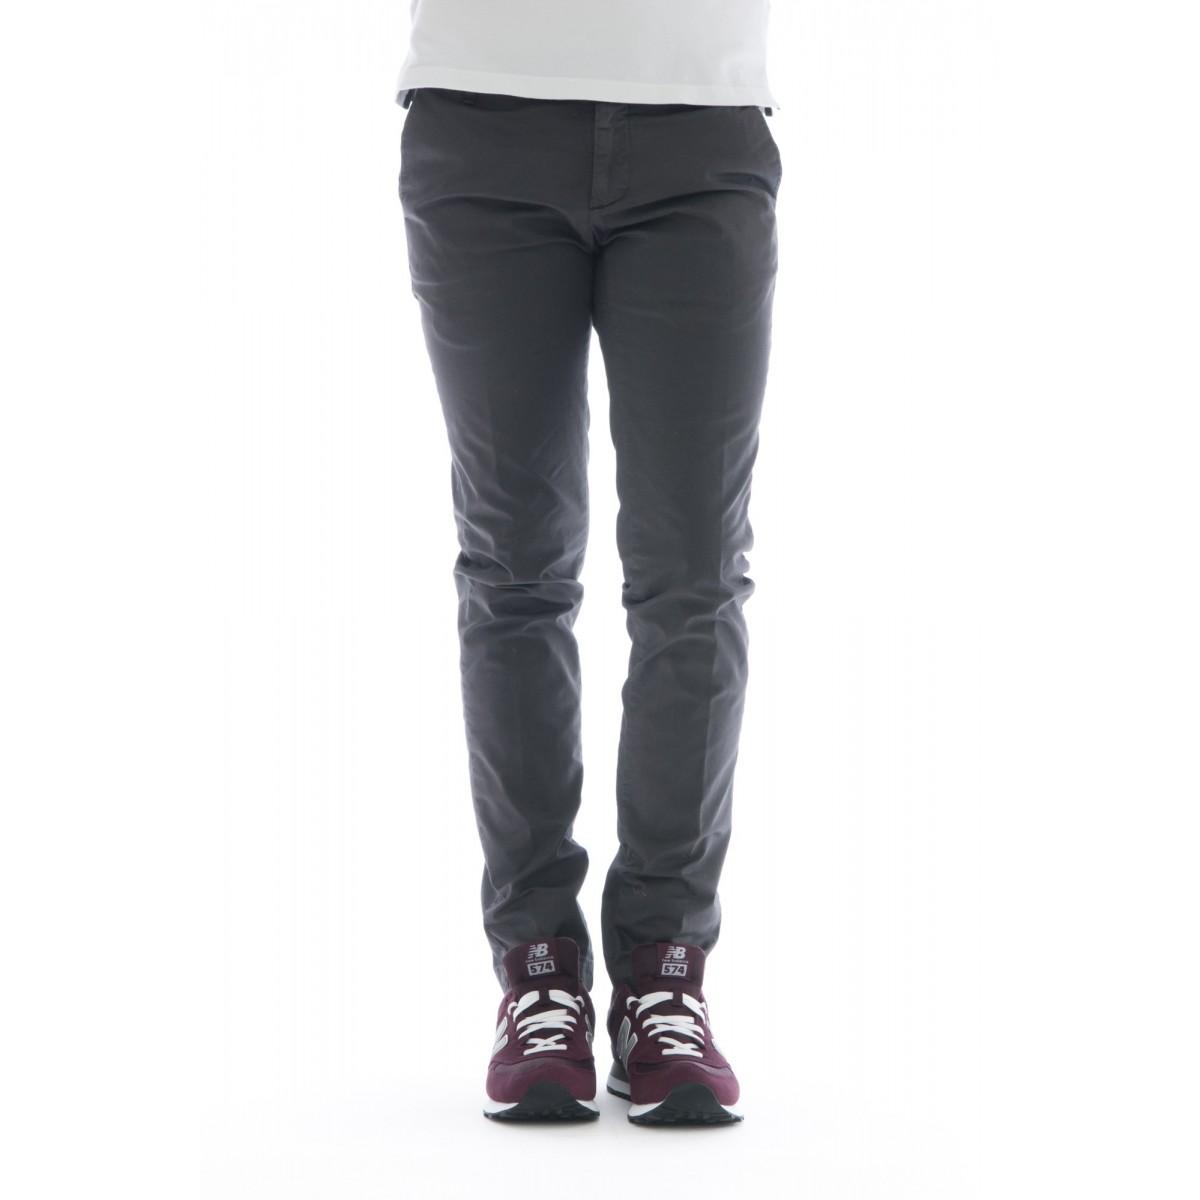 Pantaloni - 08l 83 gabardina tinto capo lavata